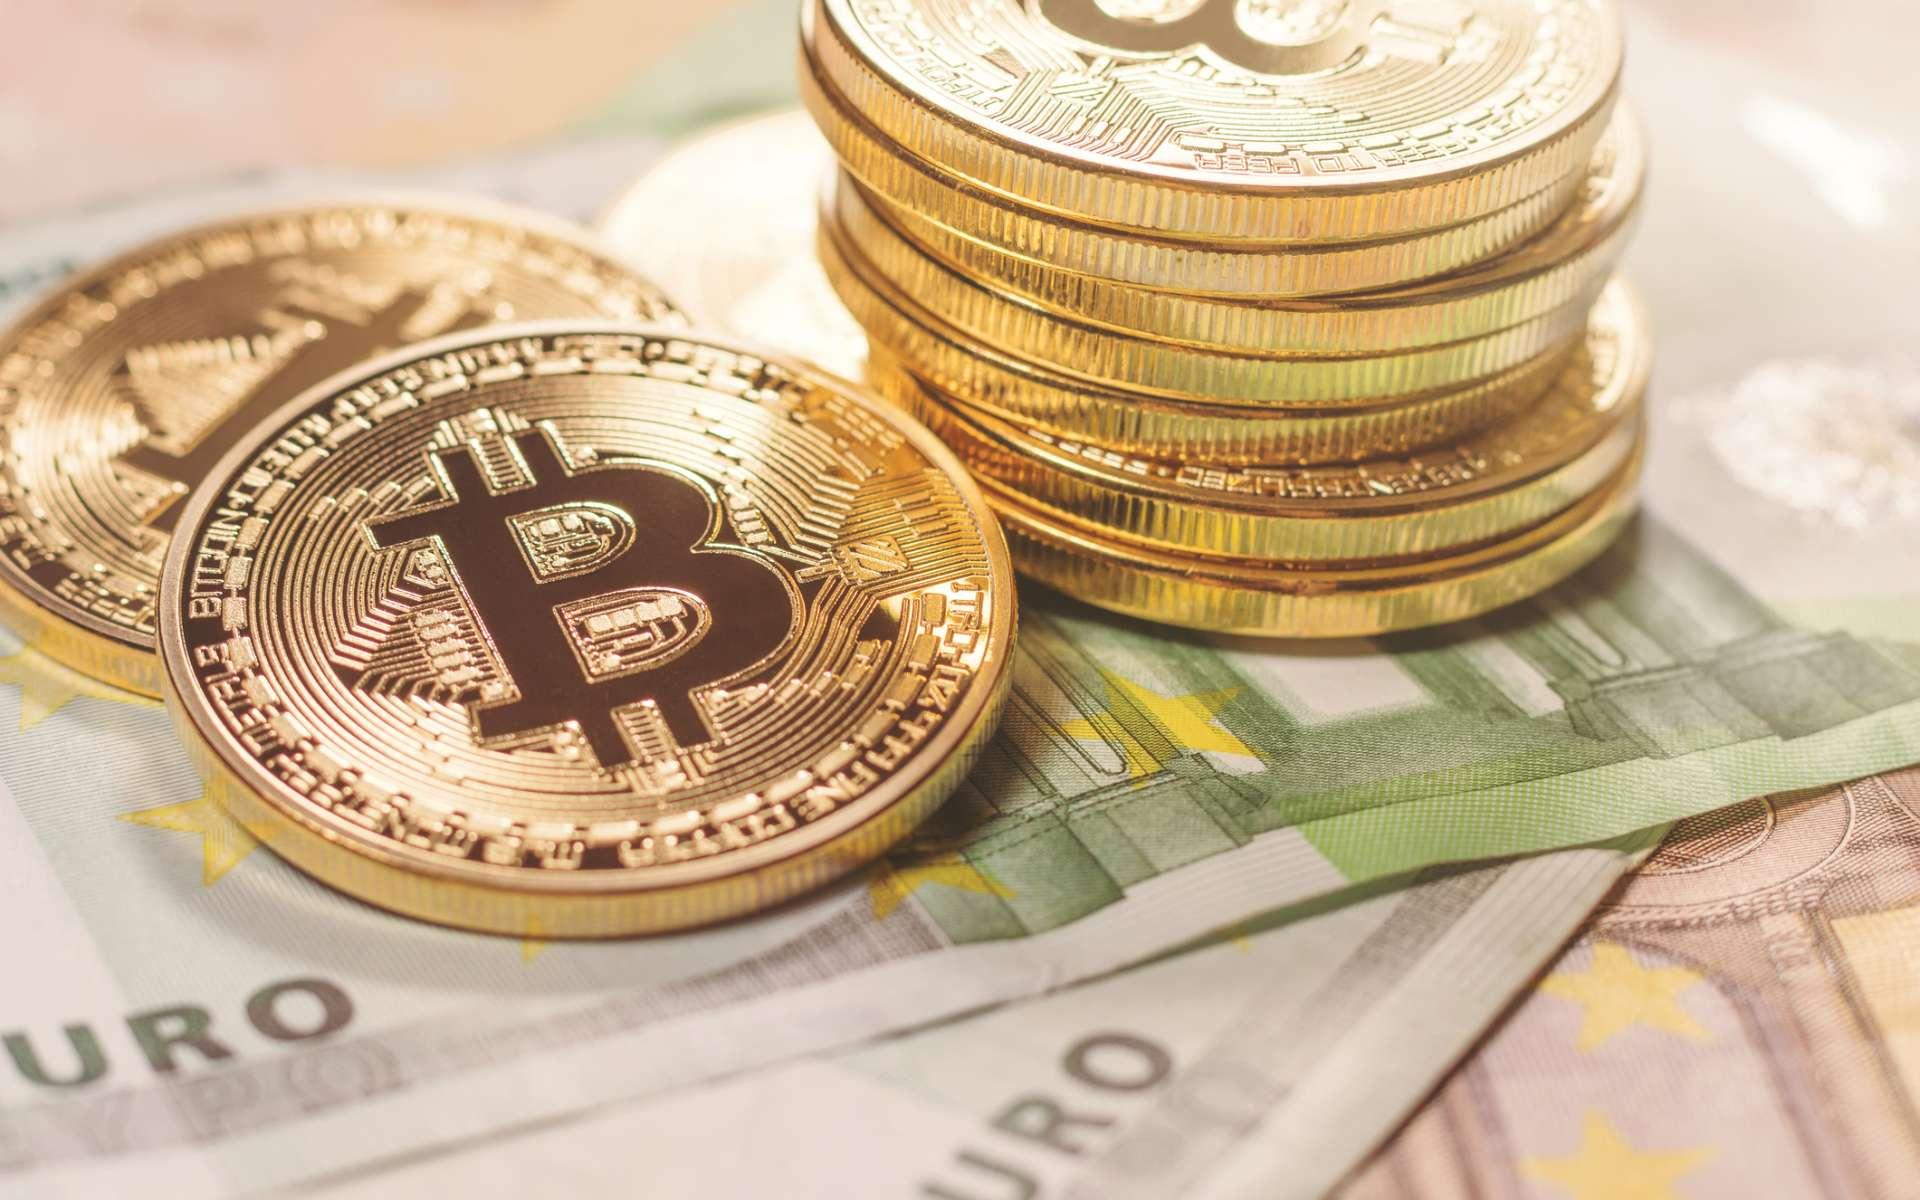 Le bitcoin, première cryptomonnaie décentralisée, a dépassé les 20.000 dollars pour la première fois mercredi 16 décembre. © Allexxandar, IStock.com